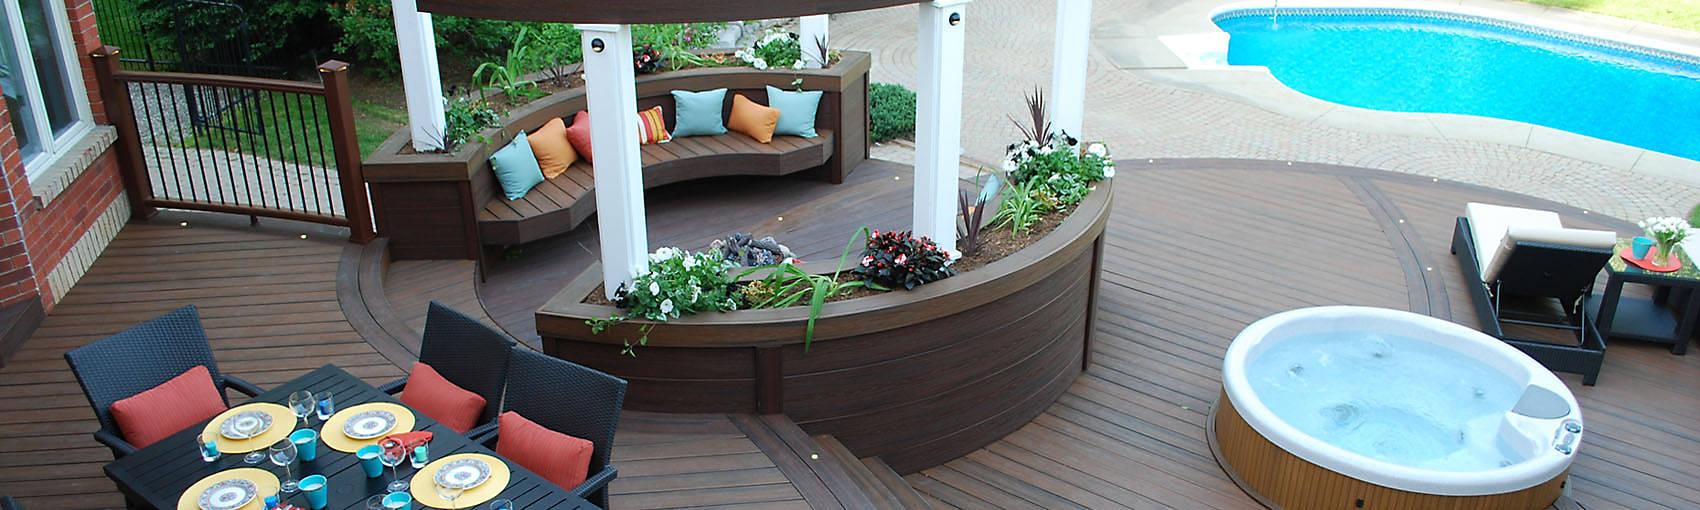 Holzalternativen Für Terrassen, Geländer, Beleuchtung Und Möbel - Trex Terrassen Gelander Design